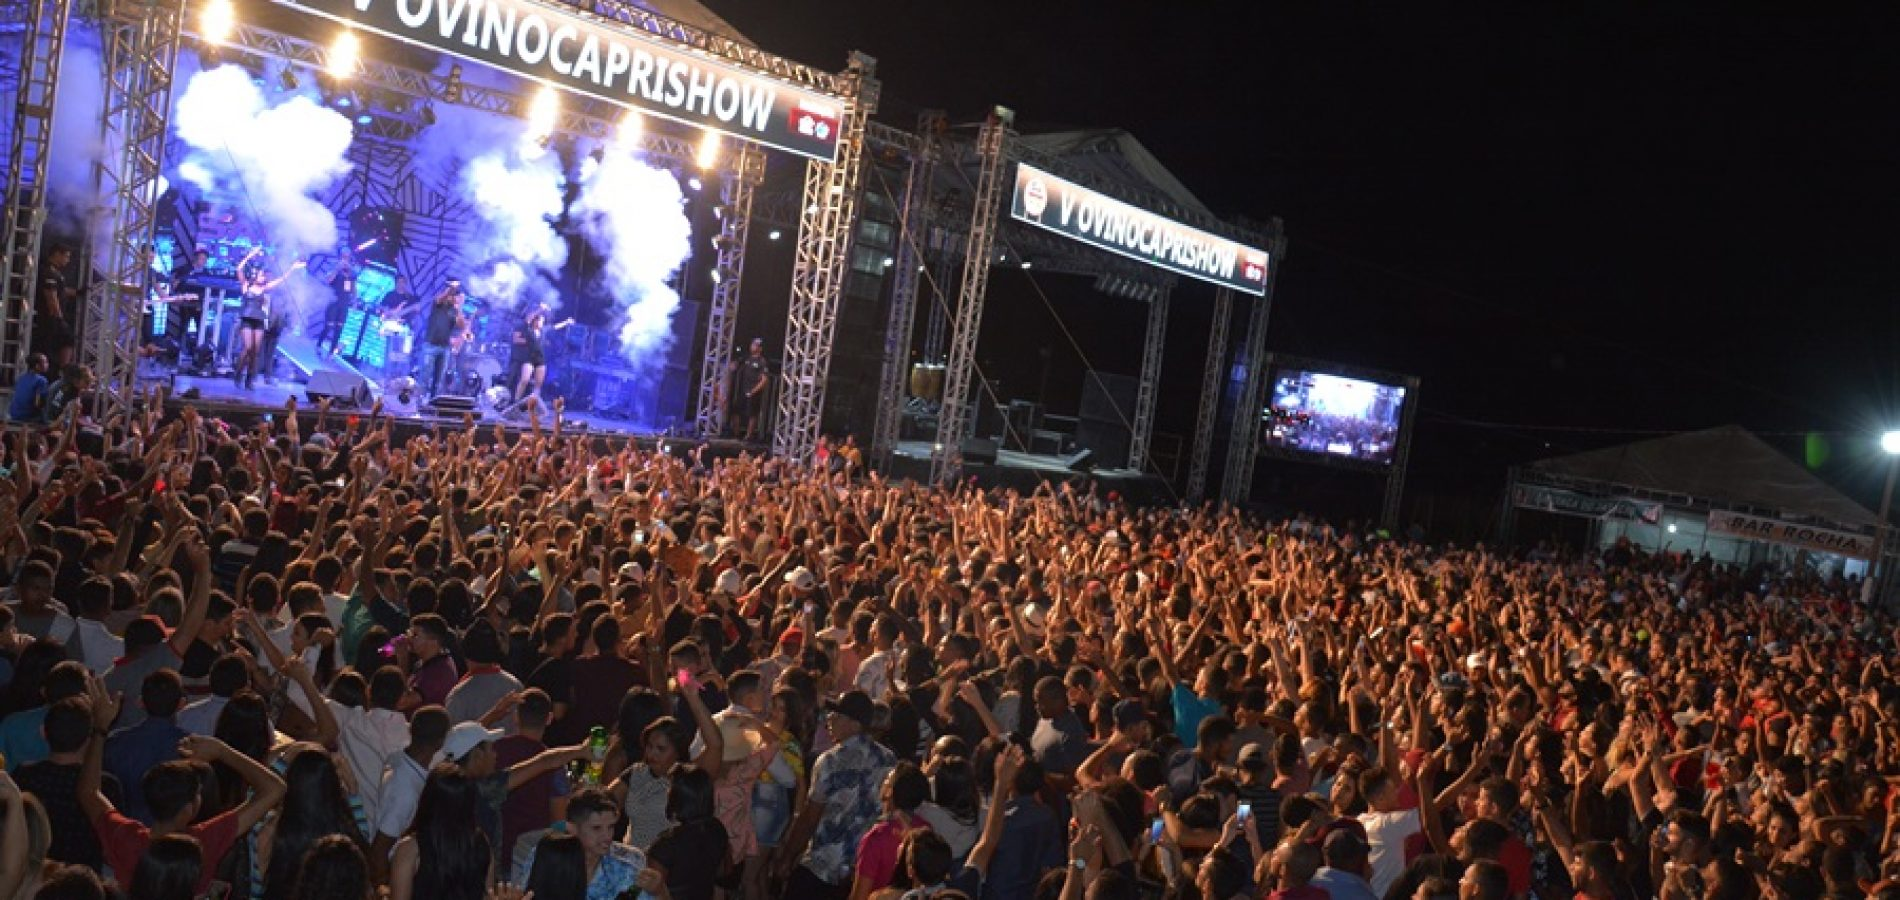 FOTOS   Show da banda Saia Rodada na Ovinocaprishow em Jacobina do Piauí